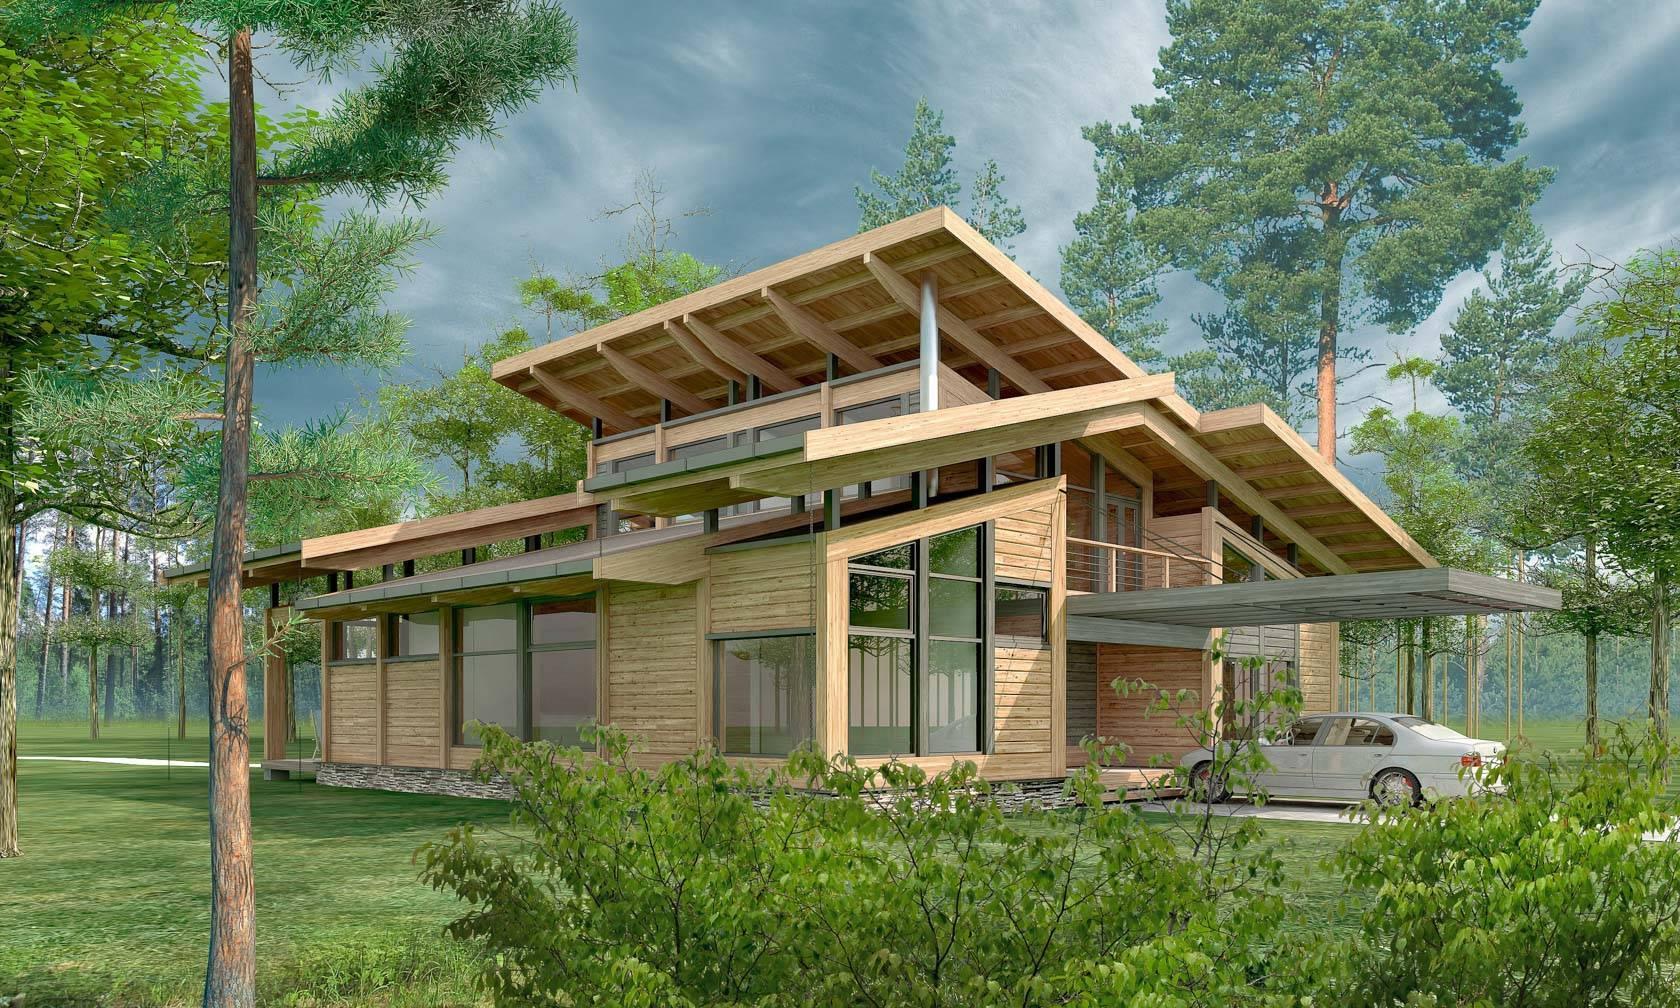 ?одноэтажные дома в стиле шале, особенности стиля и проектирования - блог о строительстве